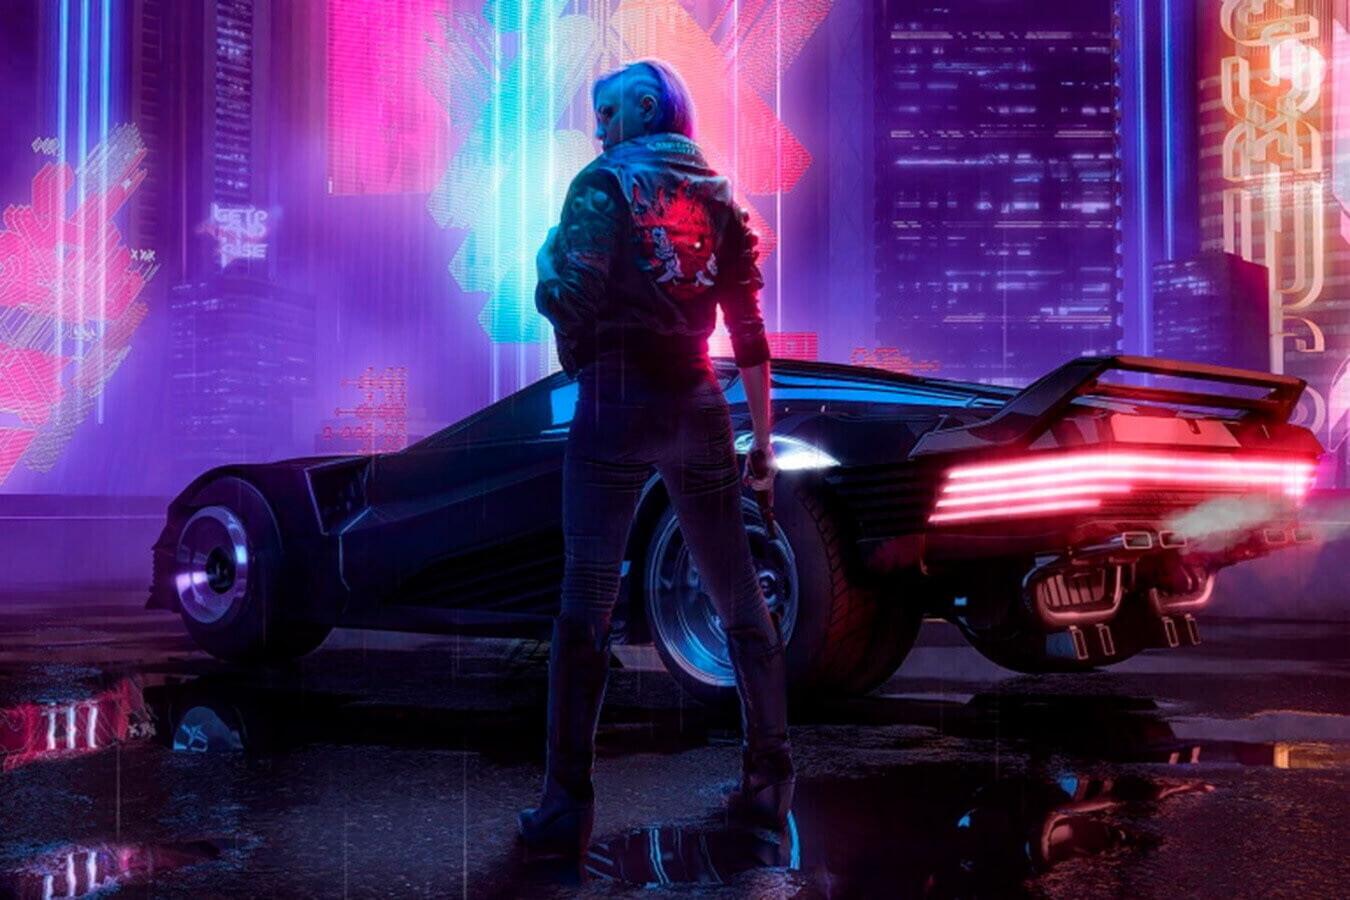 2. Кадр из Cyberpunk 2077. Для игры характерна темная гамма с неоновыми вставками. Источник: www.championat.com